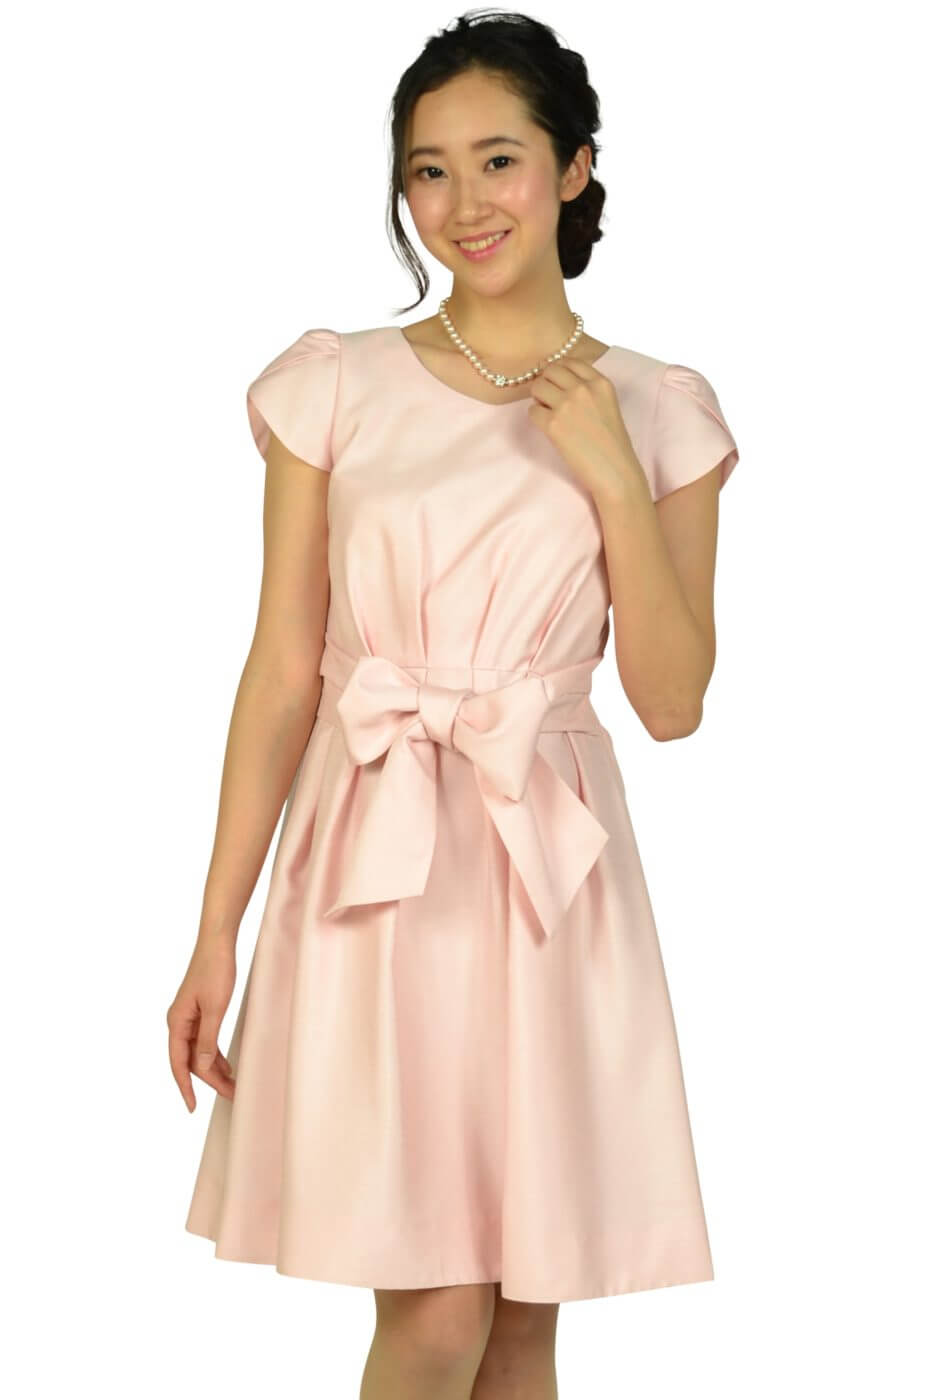 ストロベリーフィールズ (STRAWBERRY-FIELDS)ペタルスリーブウエストリボンピンクドレス